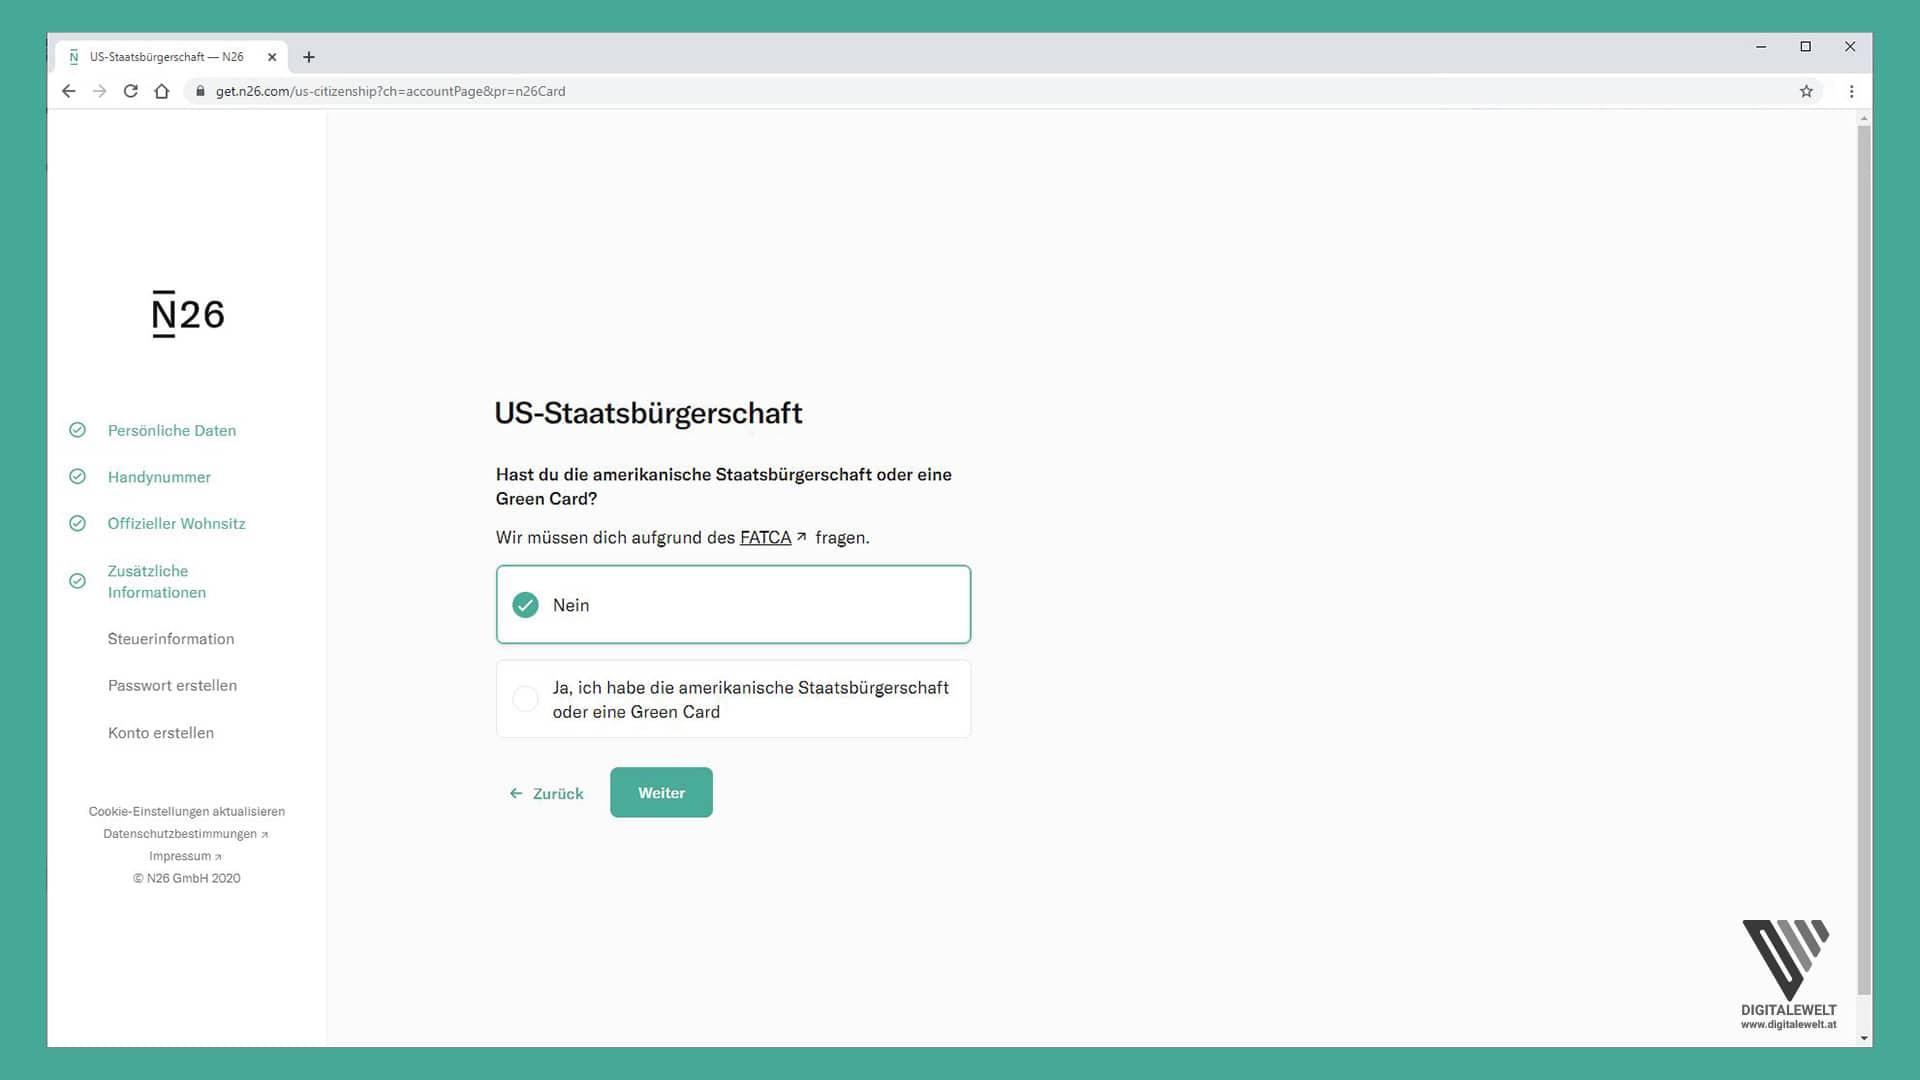 N26 Konto eröffnen - US-Staatsbürgerschaft - digitalewelt.at